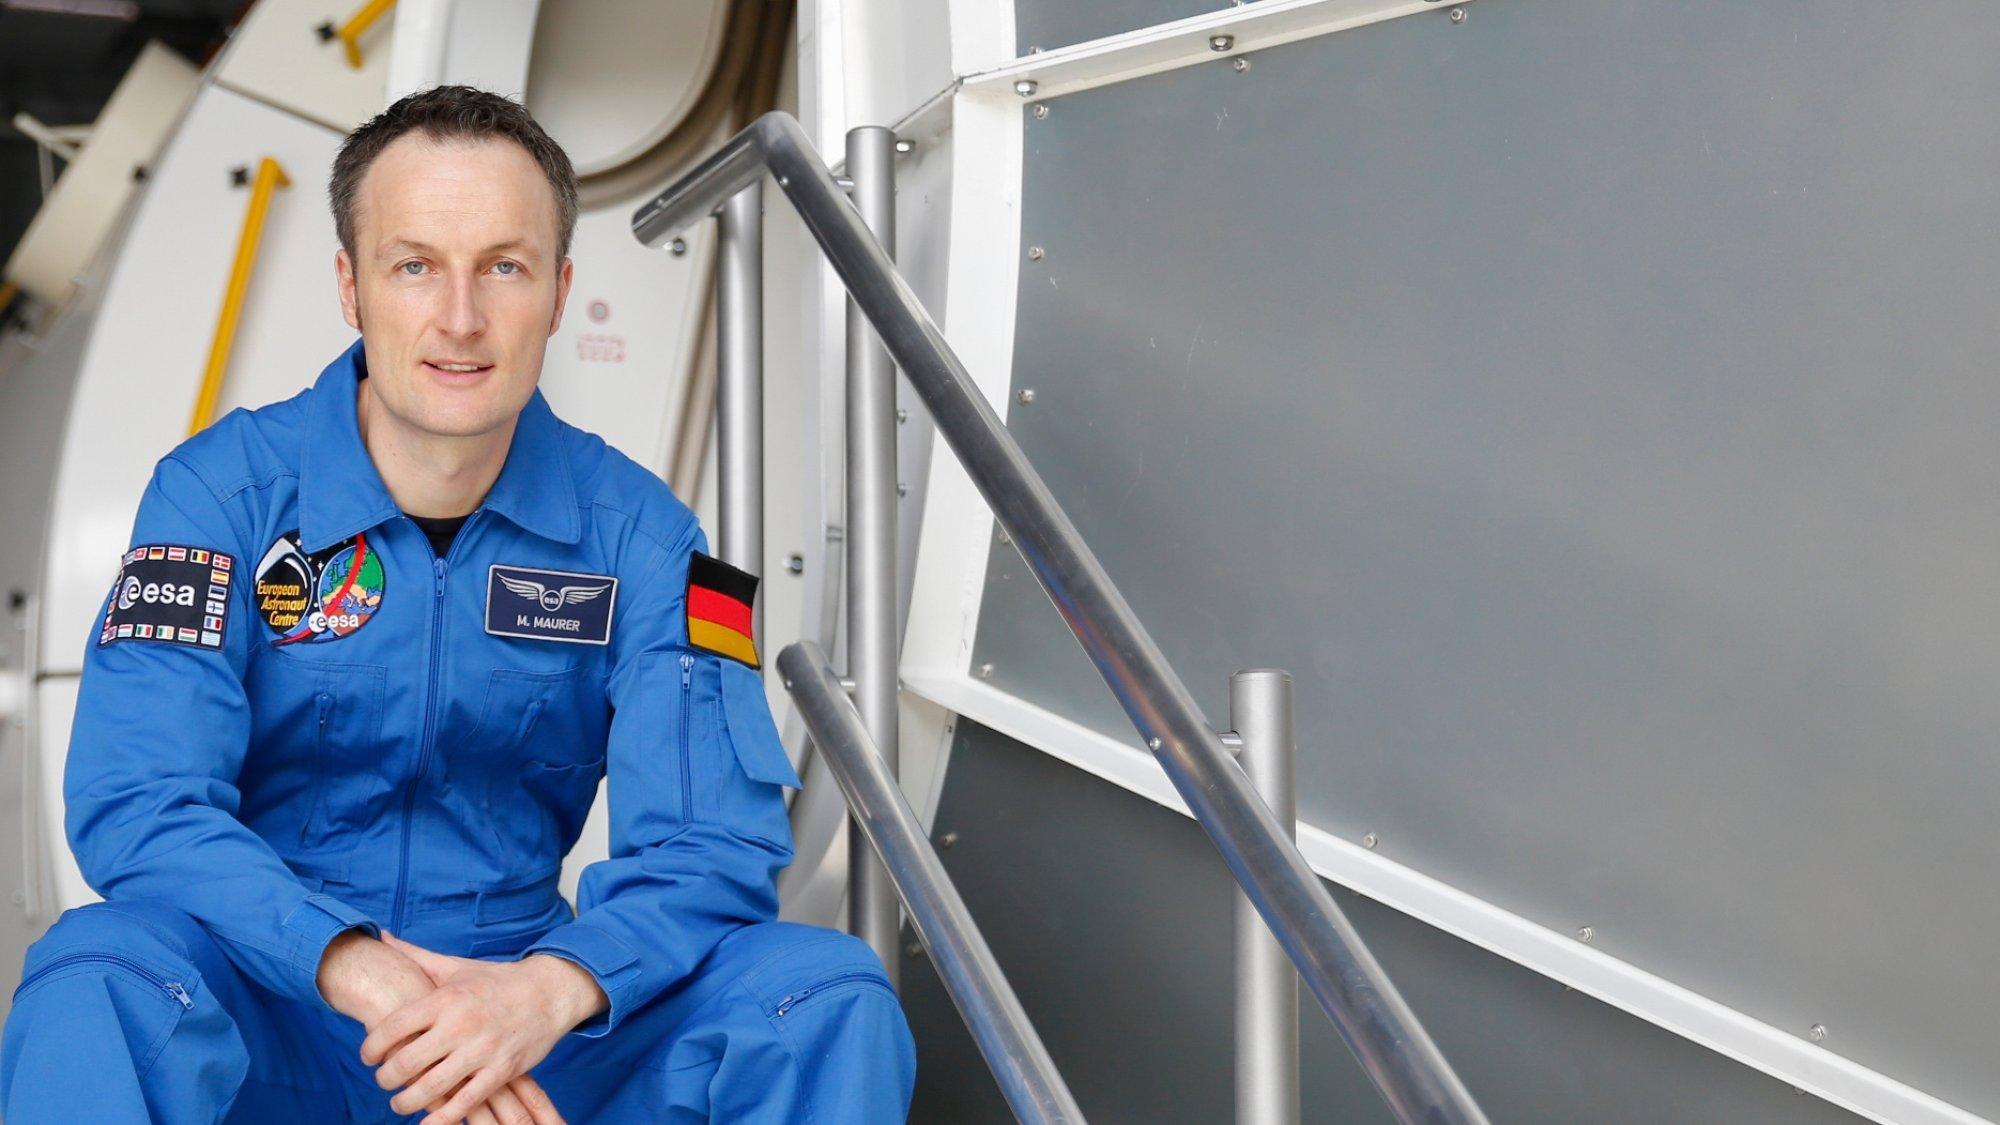 Der Astronaut Matthias Maurer sitzt in blauem Anzug auf einer Treppe vor dem Columbus-Modul